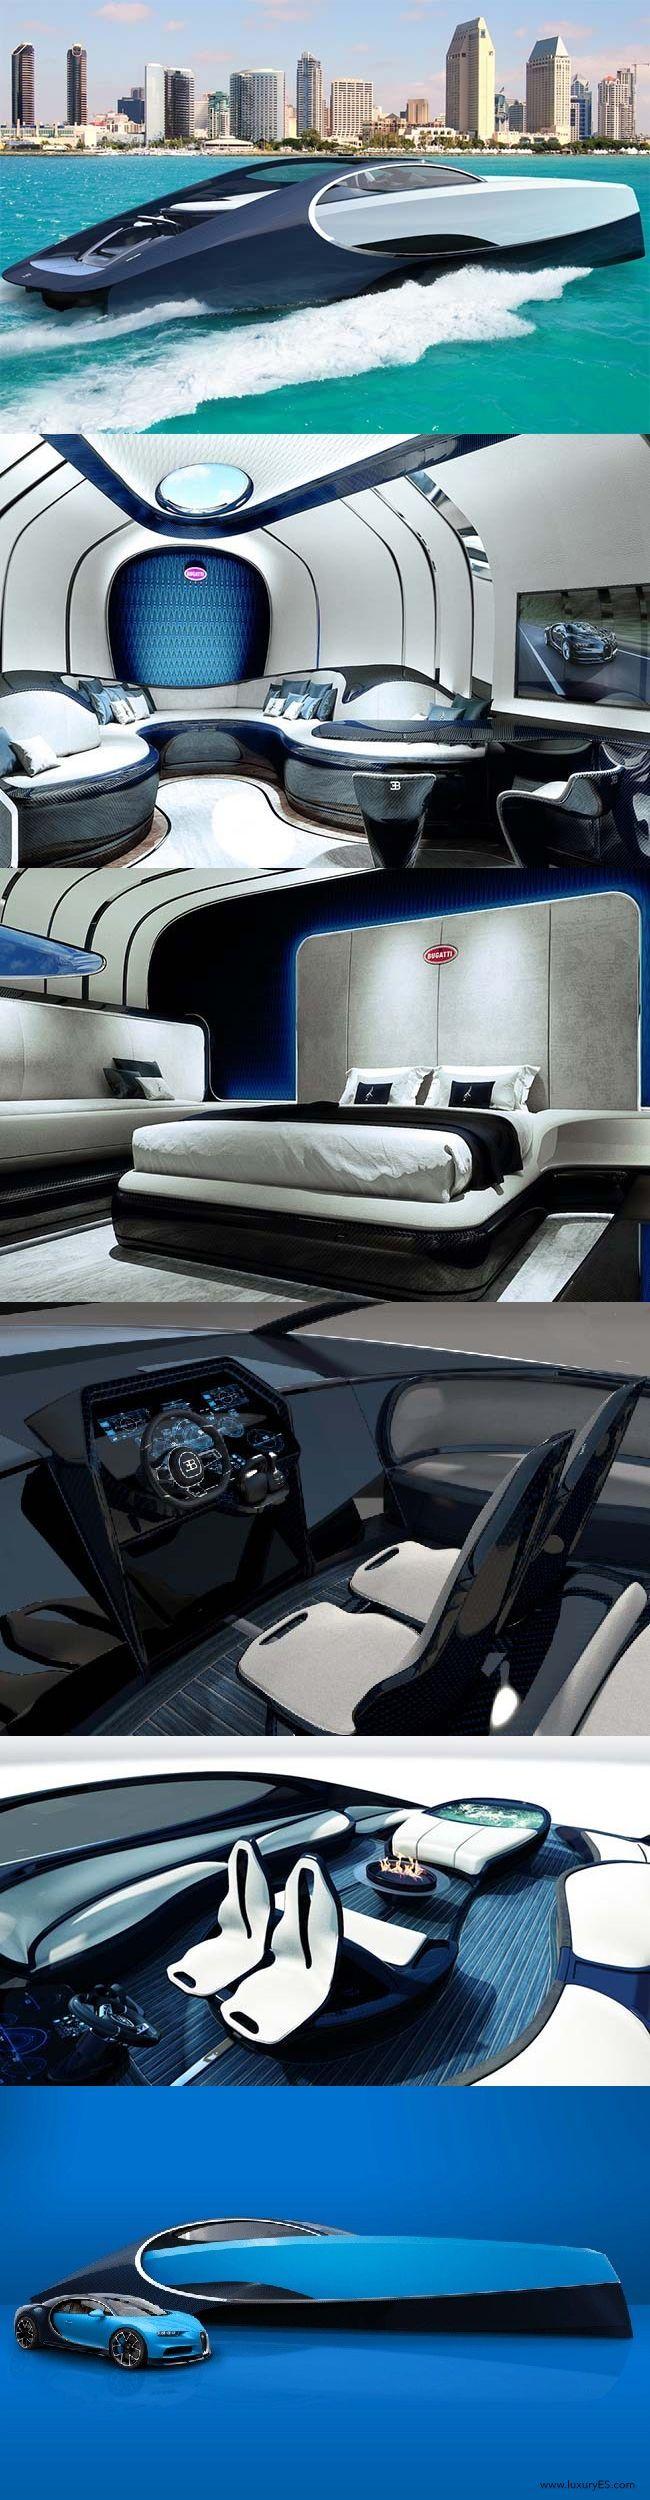 bugatti niniette 66 is the yacht of your dreams | scifi | barche